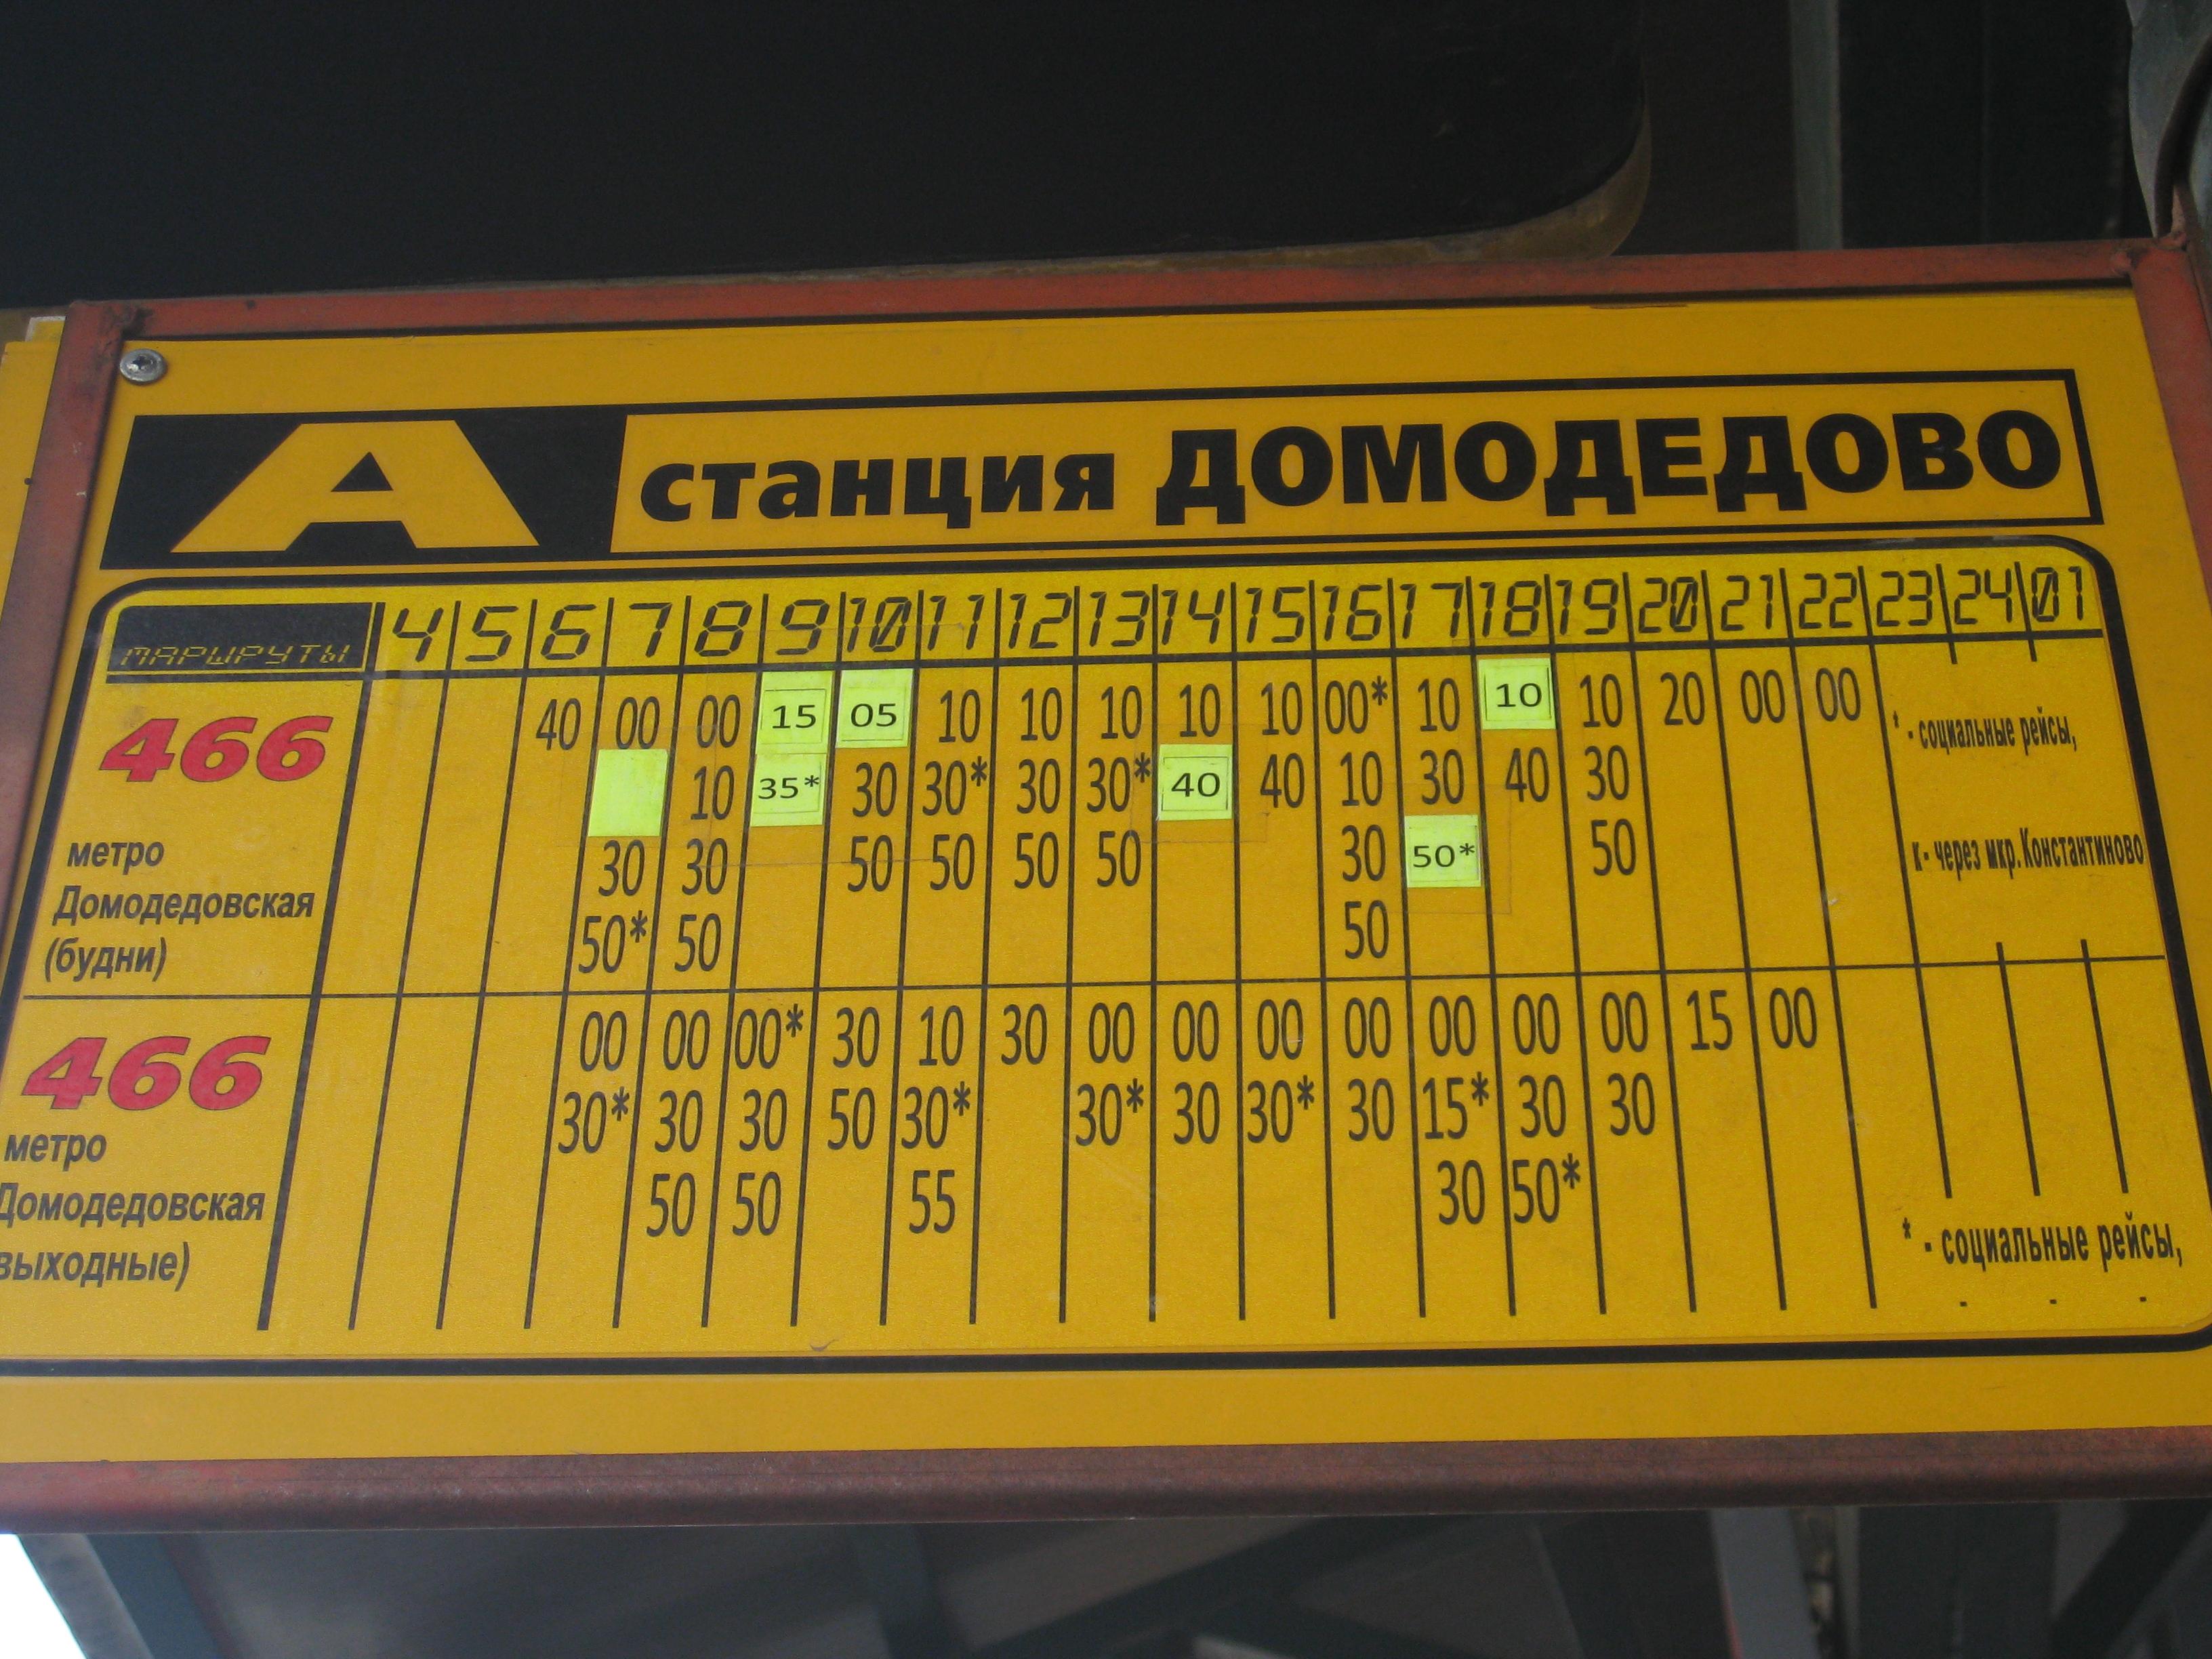 расписание Домодедово Домодедовская